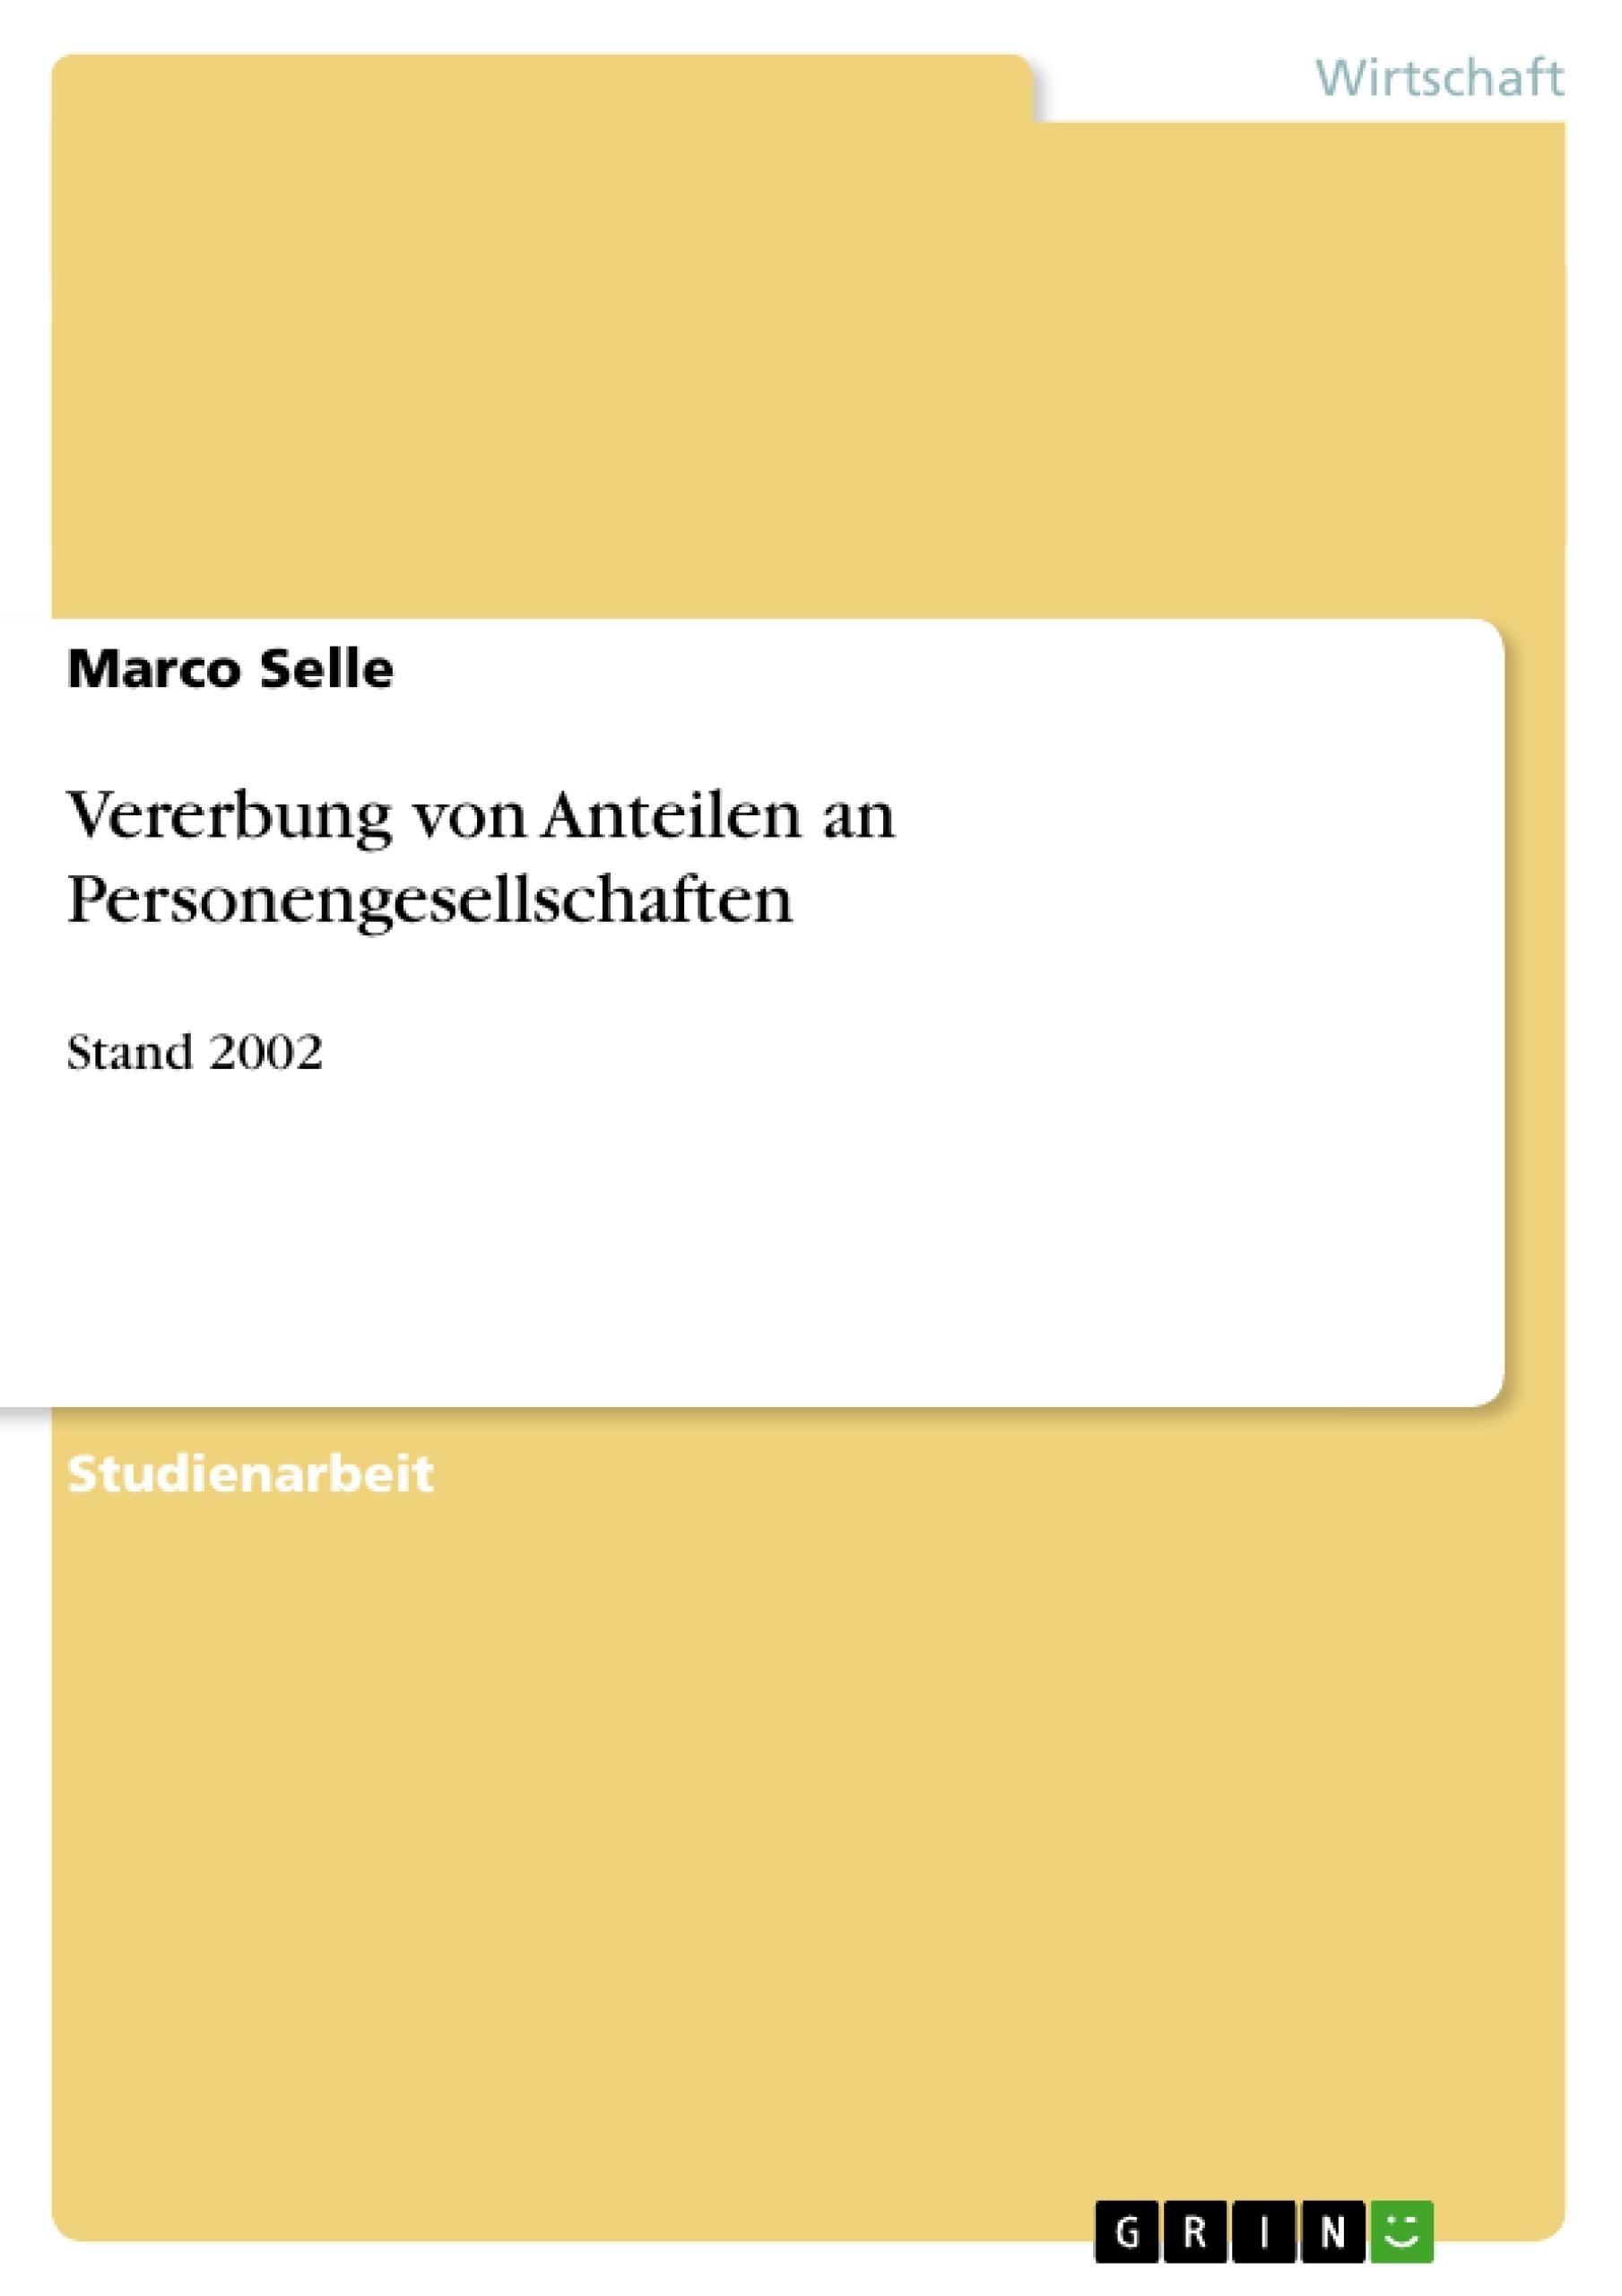 Titel: Vererbung von Anteilen an Personengesellschaften